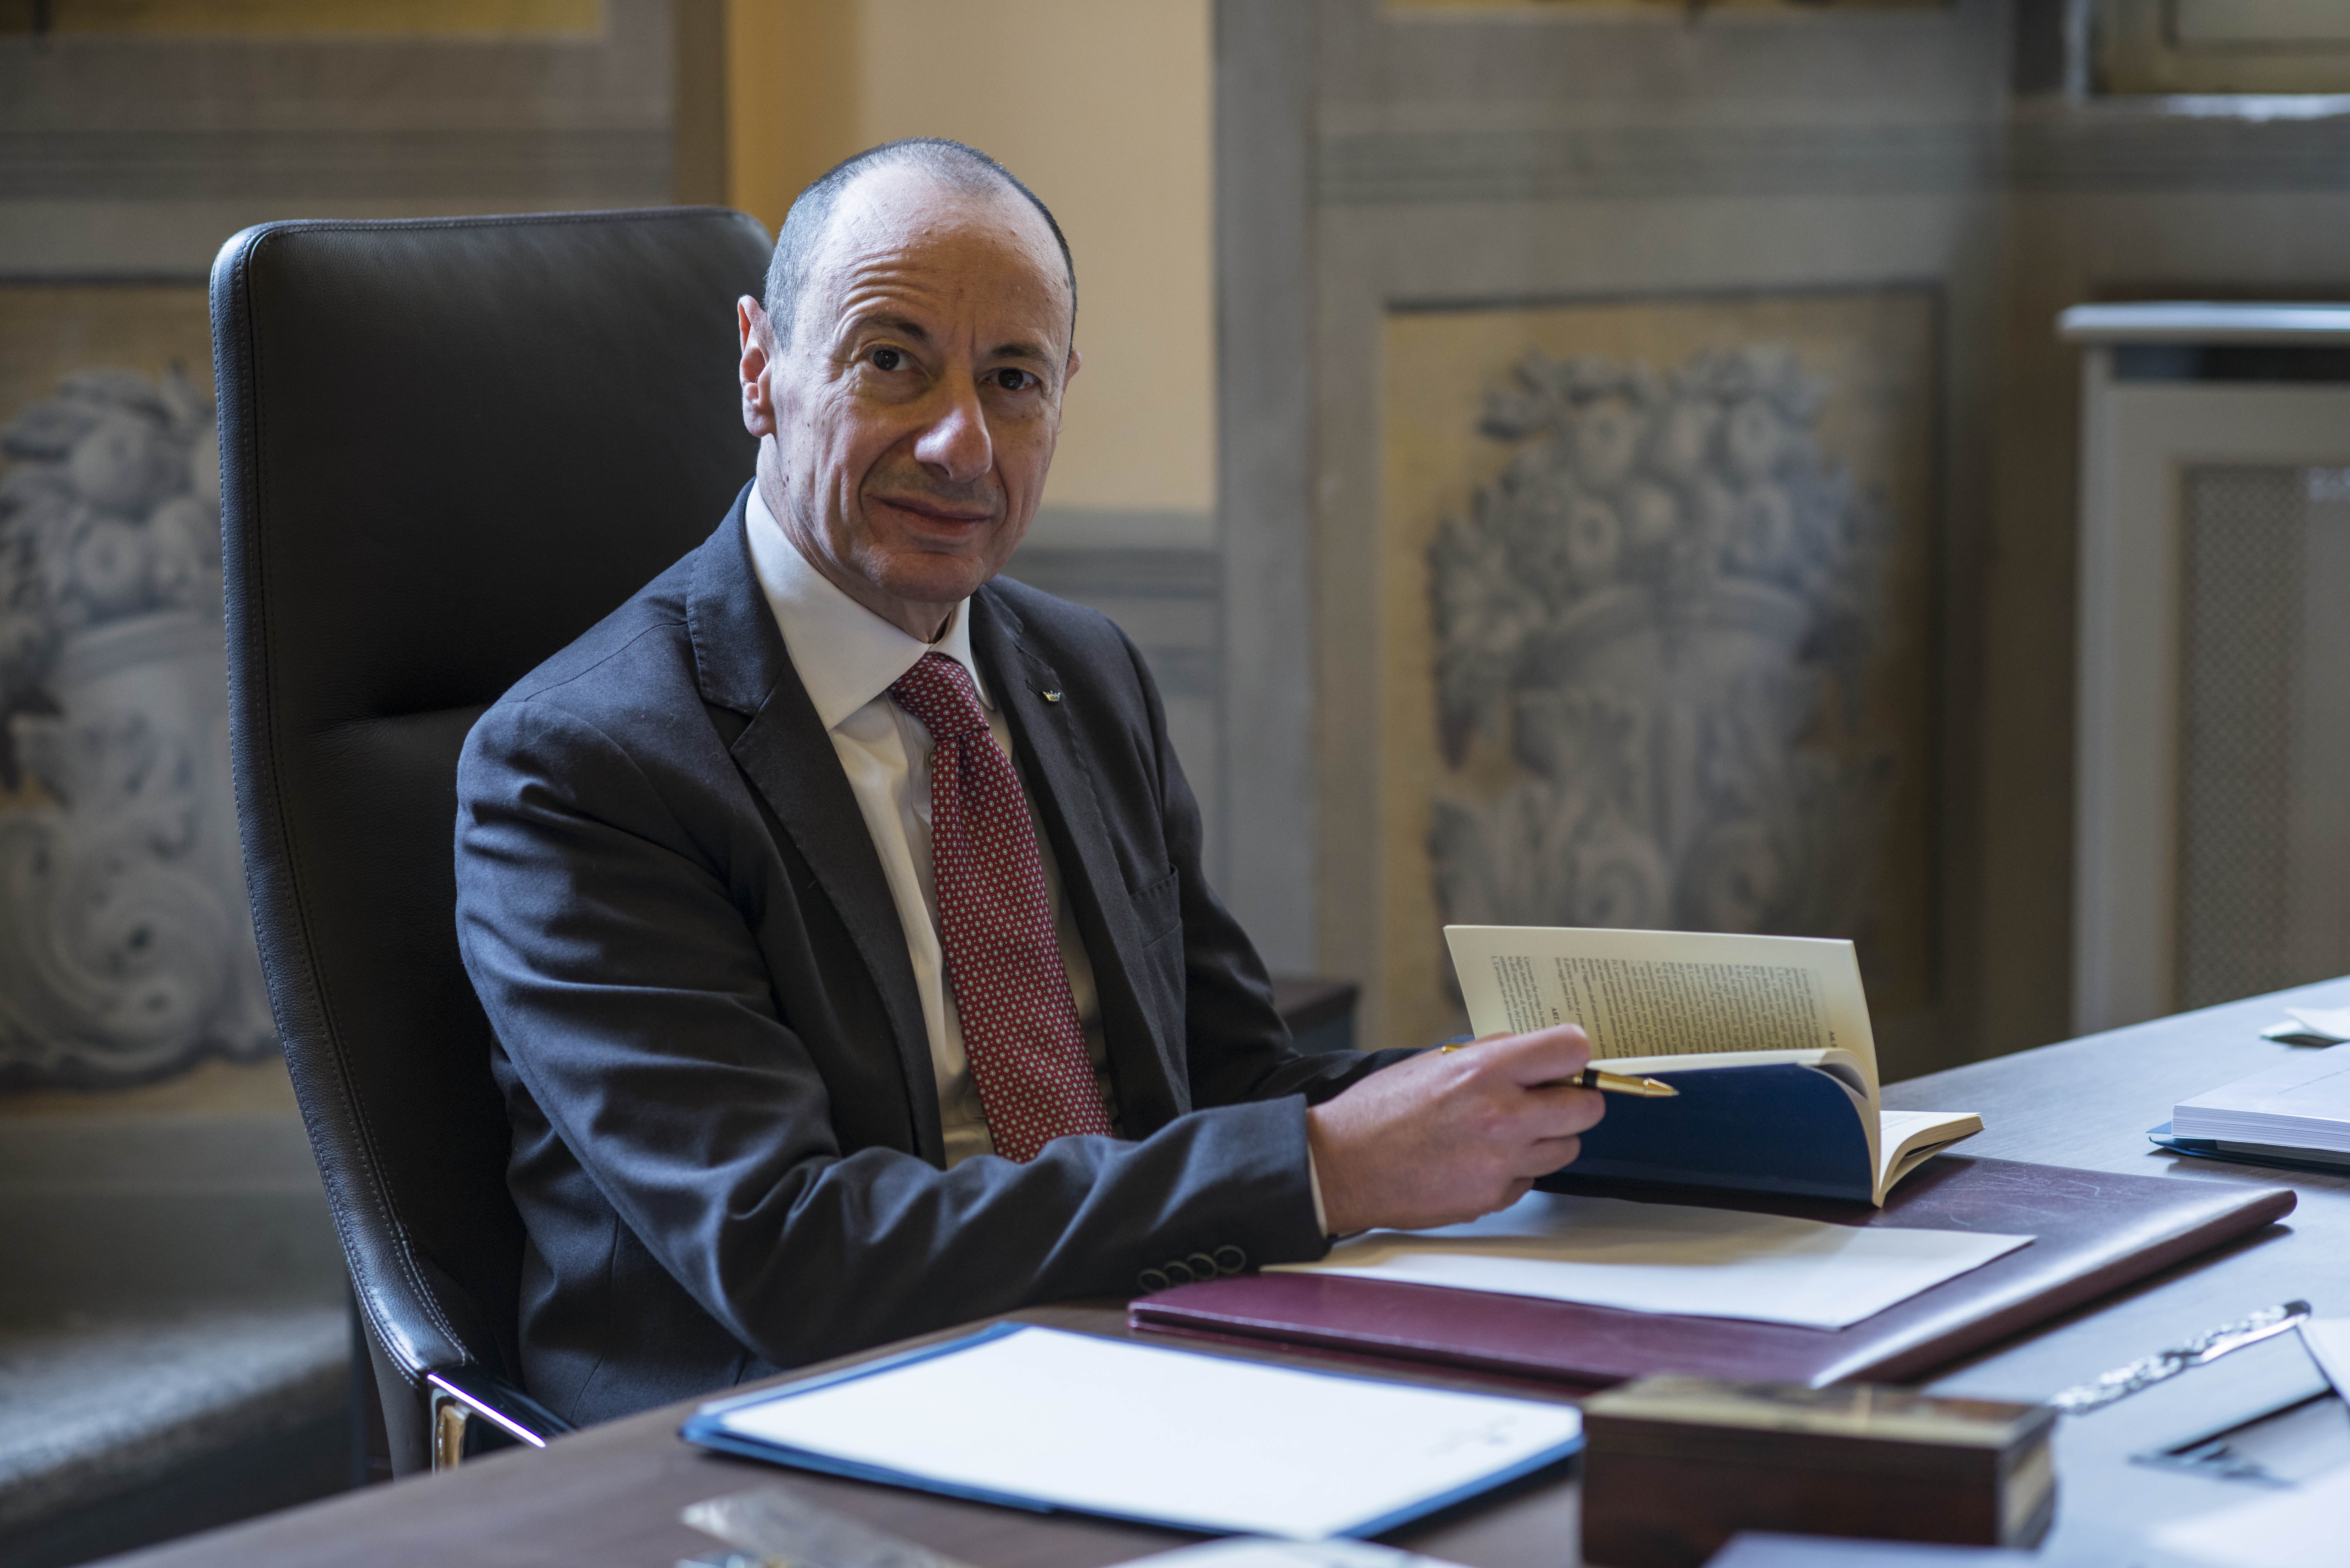 Mascherin sul Corriere della Sera: «Sul garantismo si reggono le democrazie evolute»